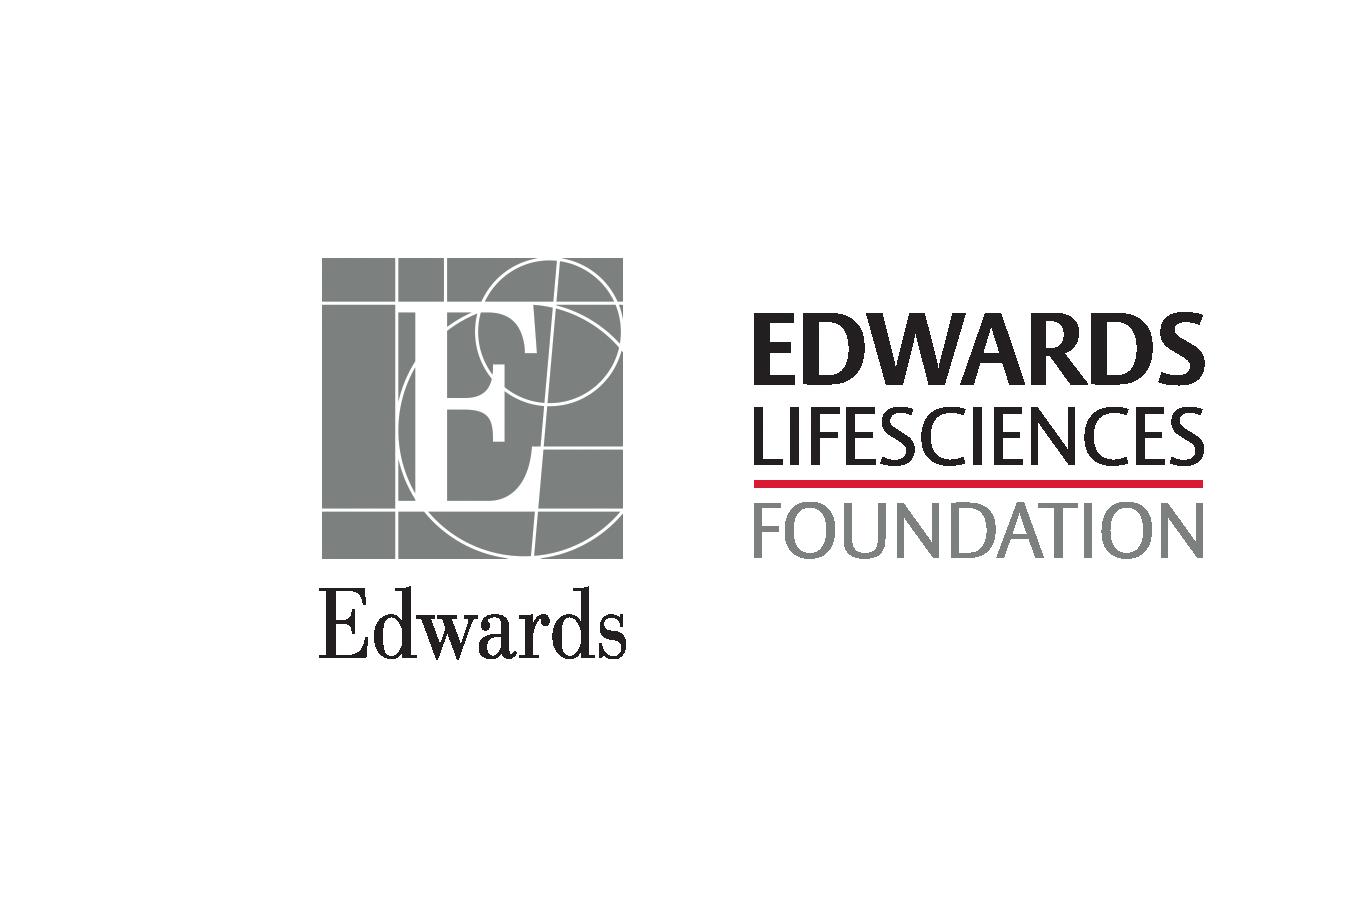 Edwards Lifesciences Foundation